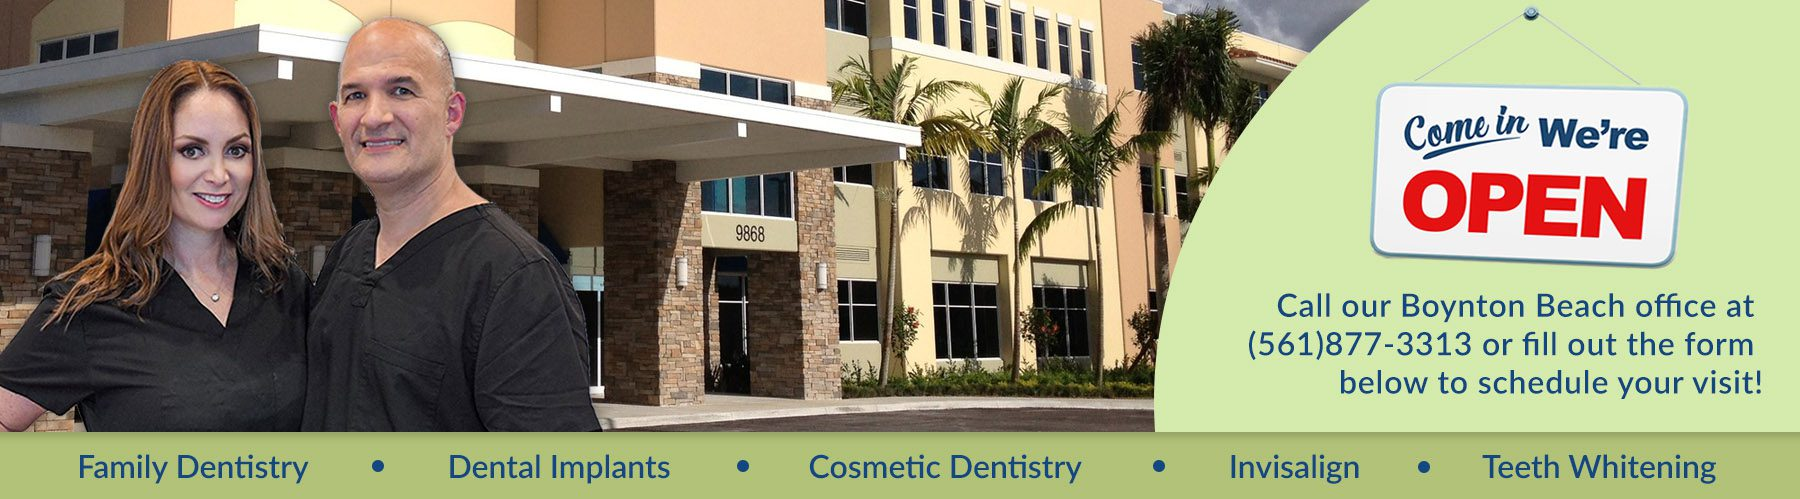 Boynton Beach Family Dentist